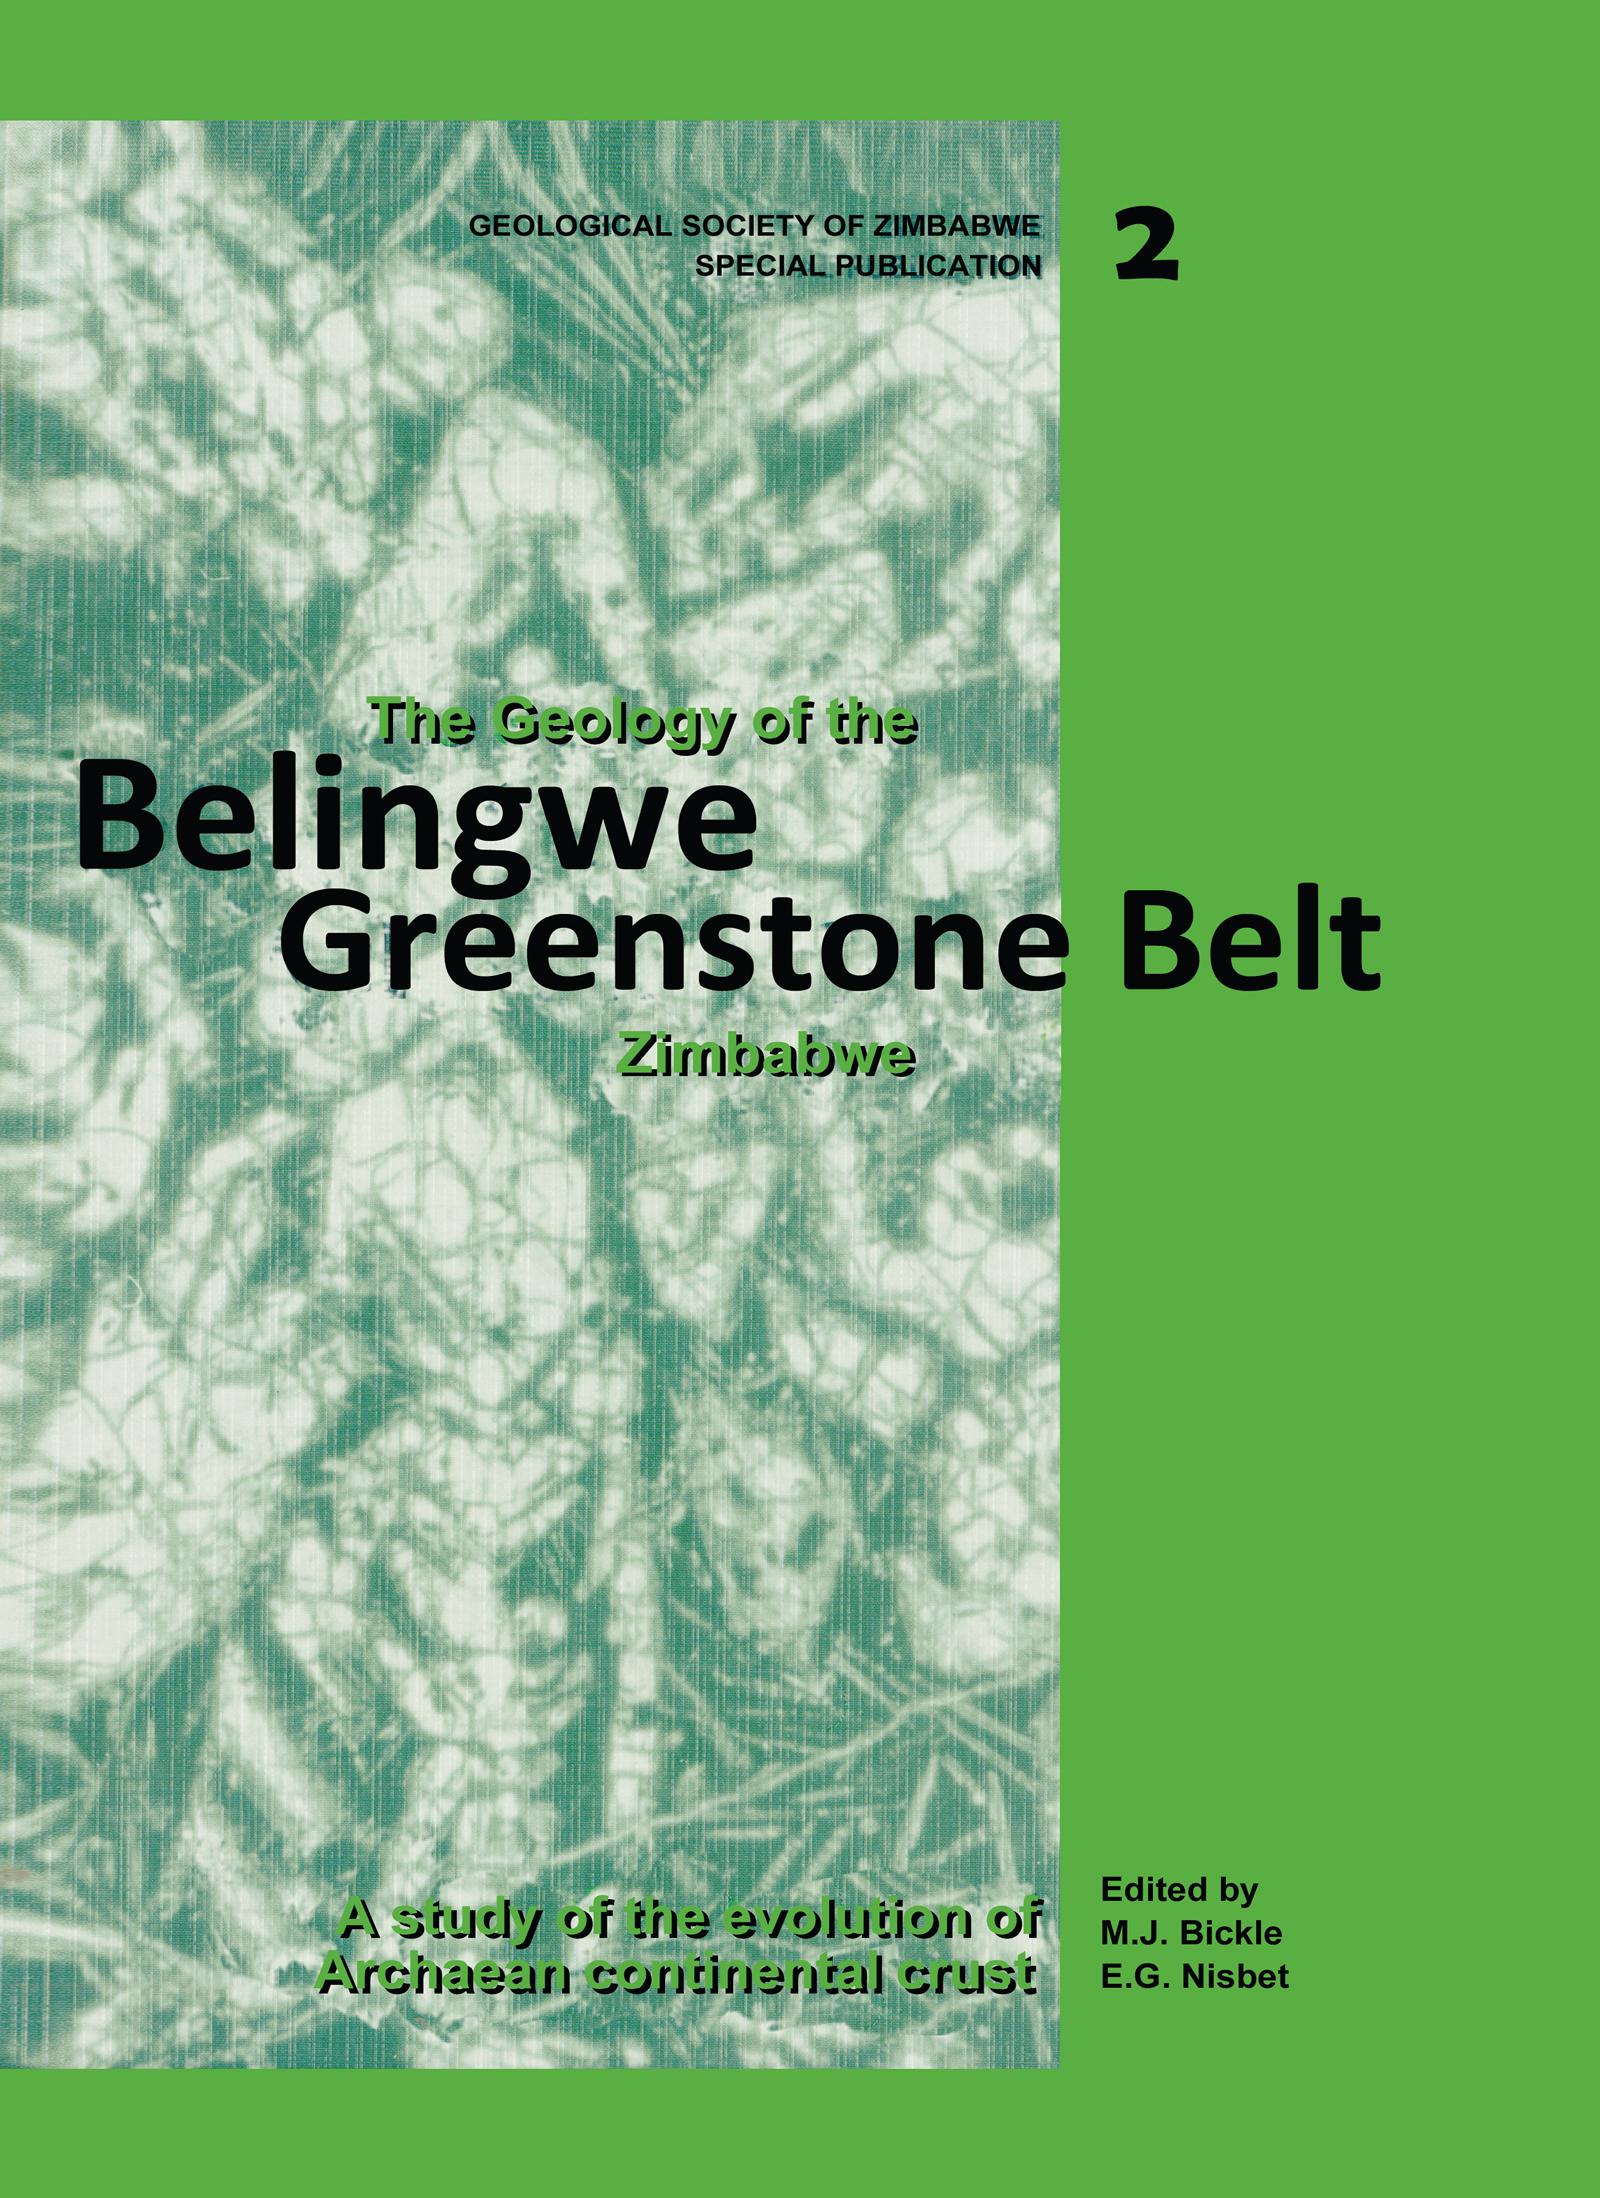 The Geology of the Belingwe Greenstone Belt, Zimbabwe